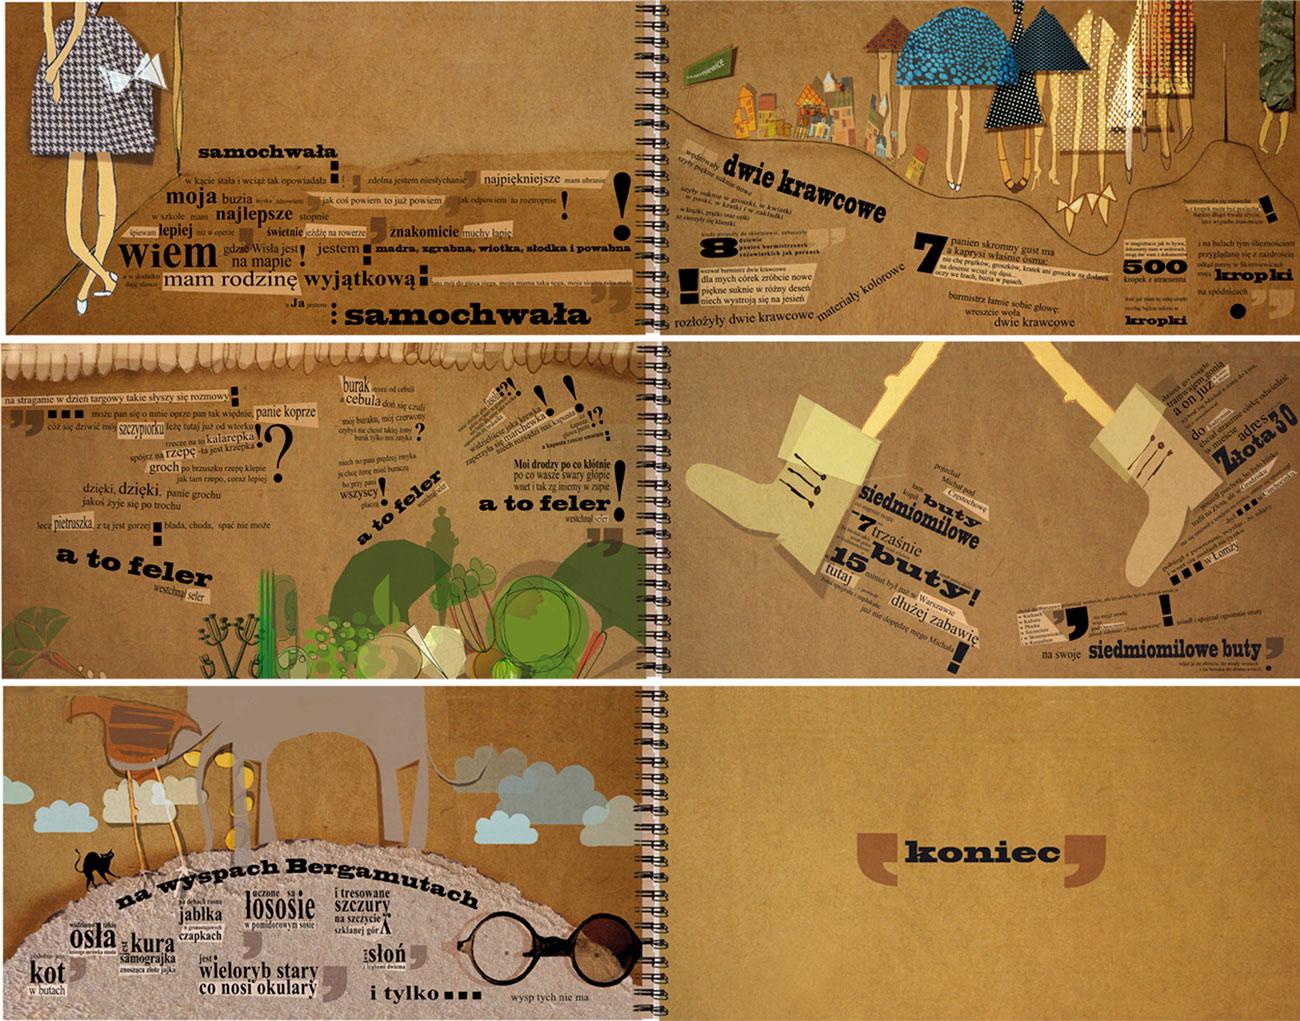 ilustracja dla dzieci ilustratorka Urbaniak wiersze jana brzechwy sepia